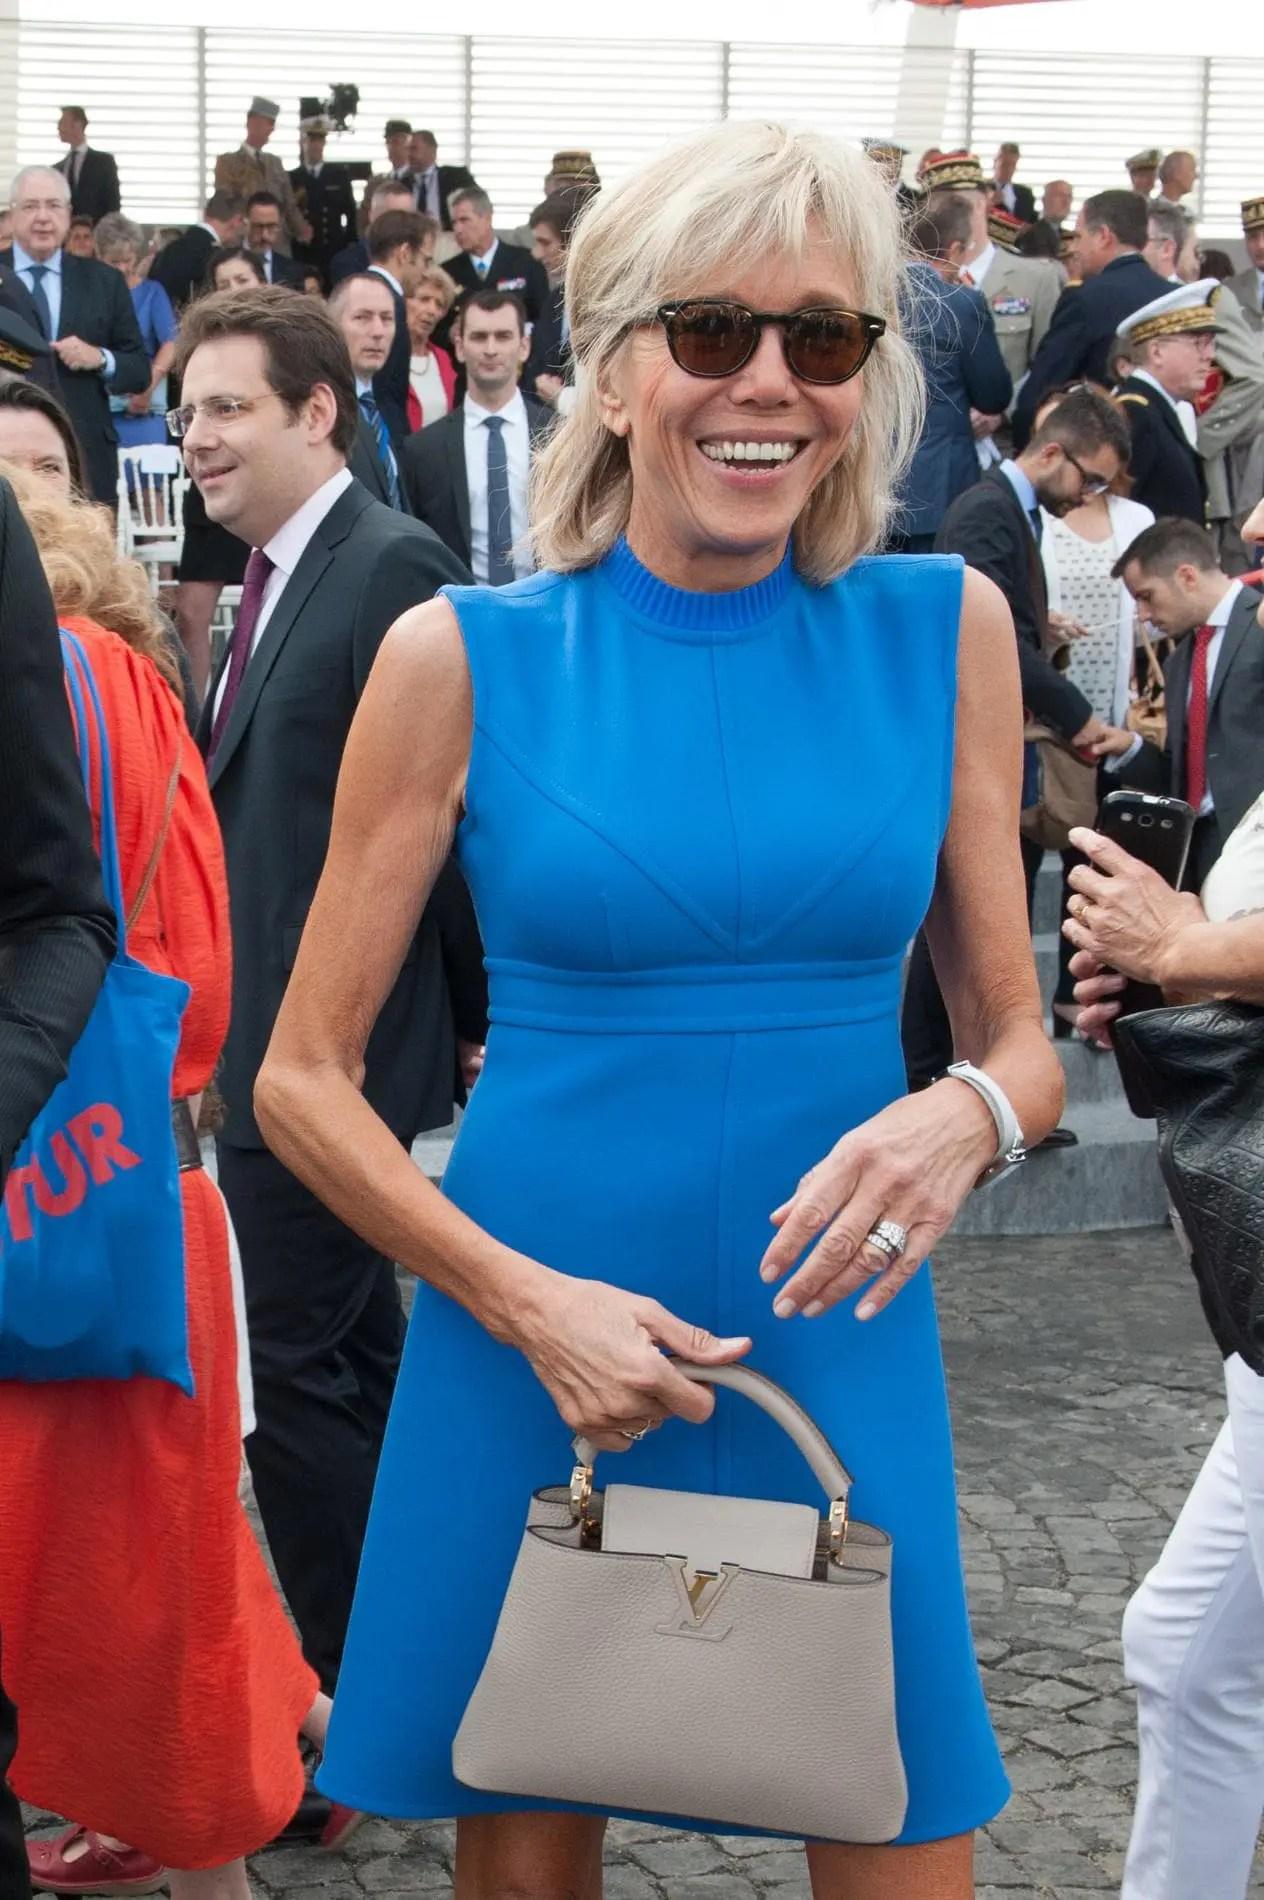 Royal Presidential Fashion! First Fashion Lady Of France